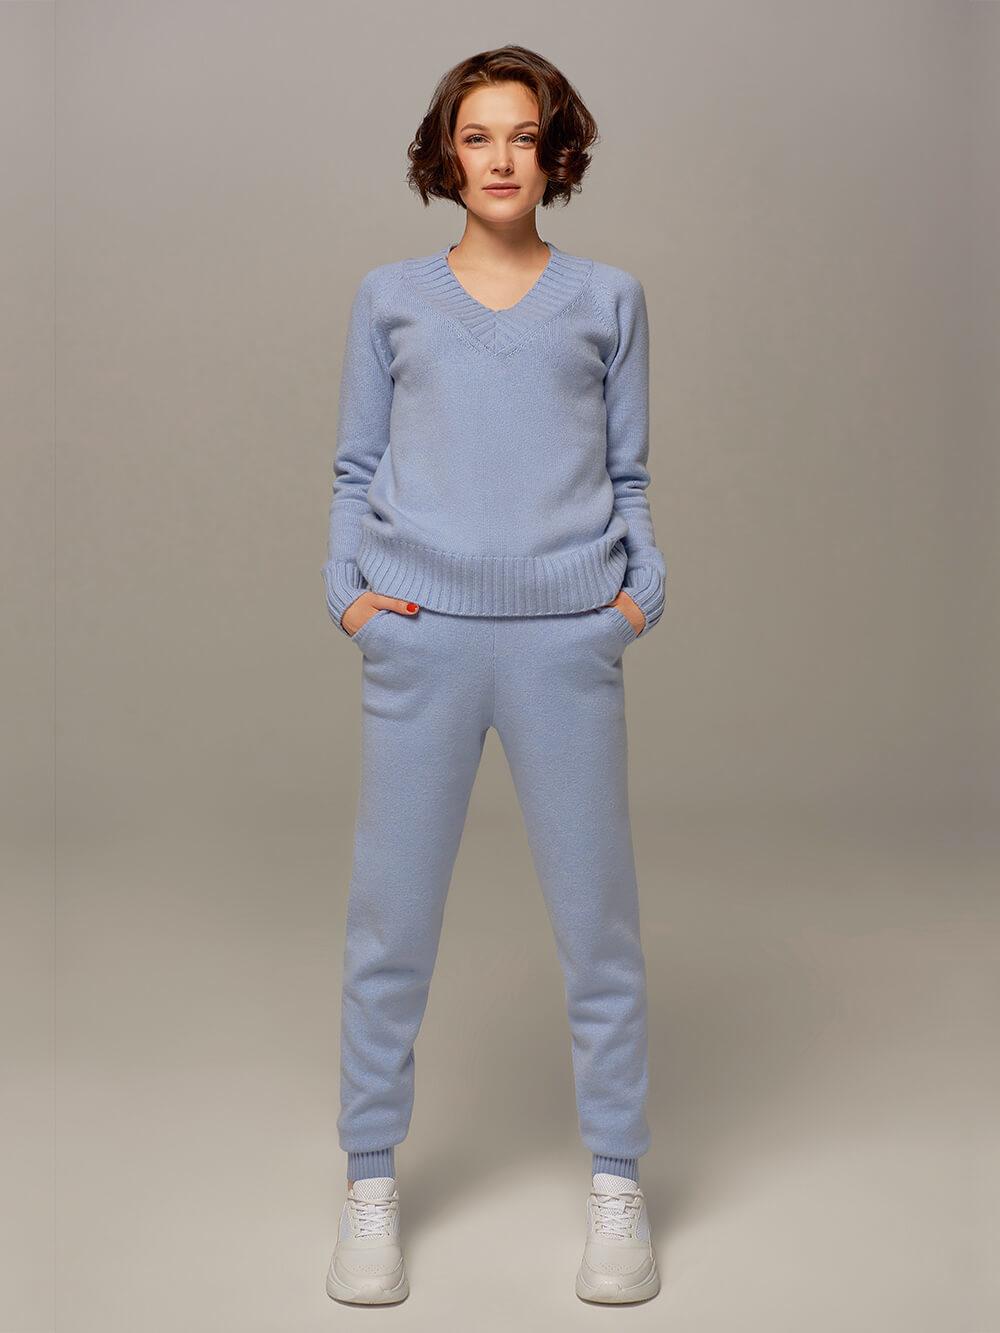 Женские брюки голубого цвета из шерсти и кашемира - фото 1